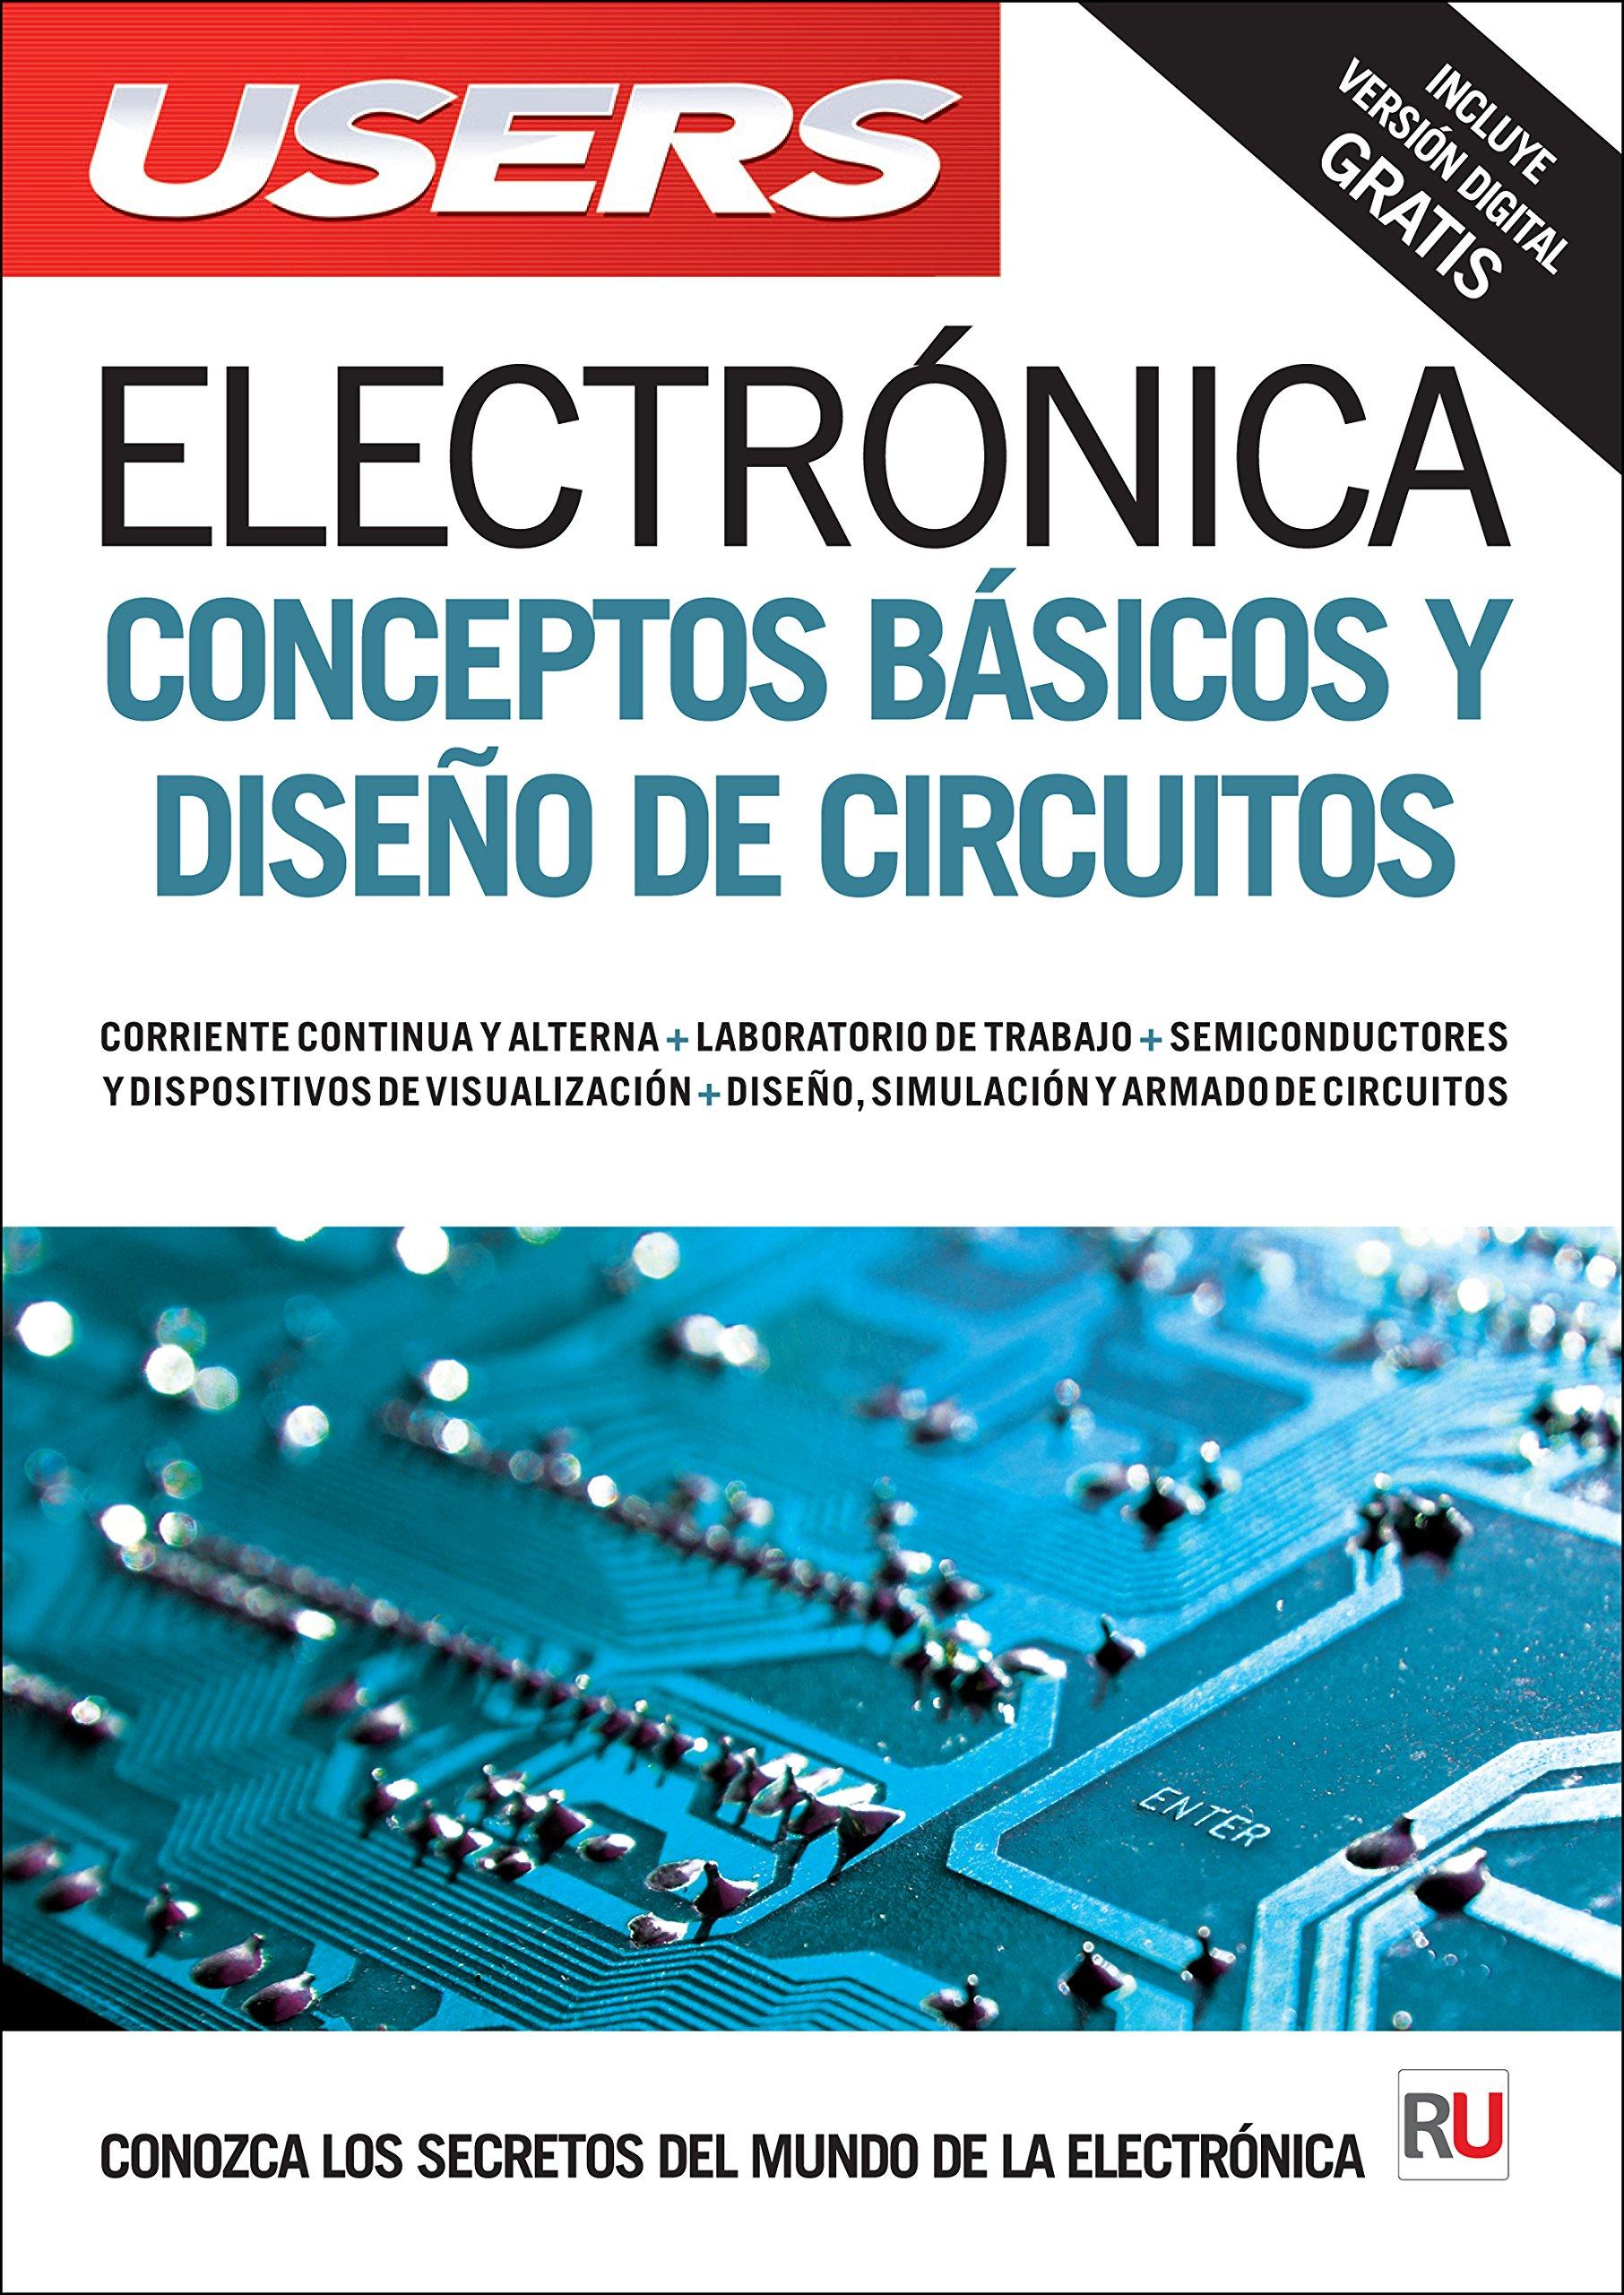 Electrónica: Conceptos básicos y diseño de circuitos (Spanish Edition):  USERS Staff, USERS, Español Espanol Espaniol, Libro libros Manual  electronica ...